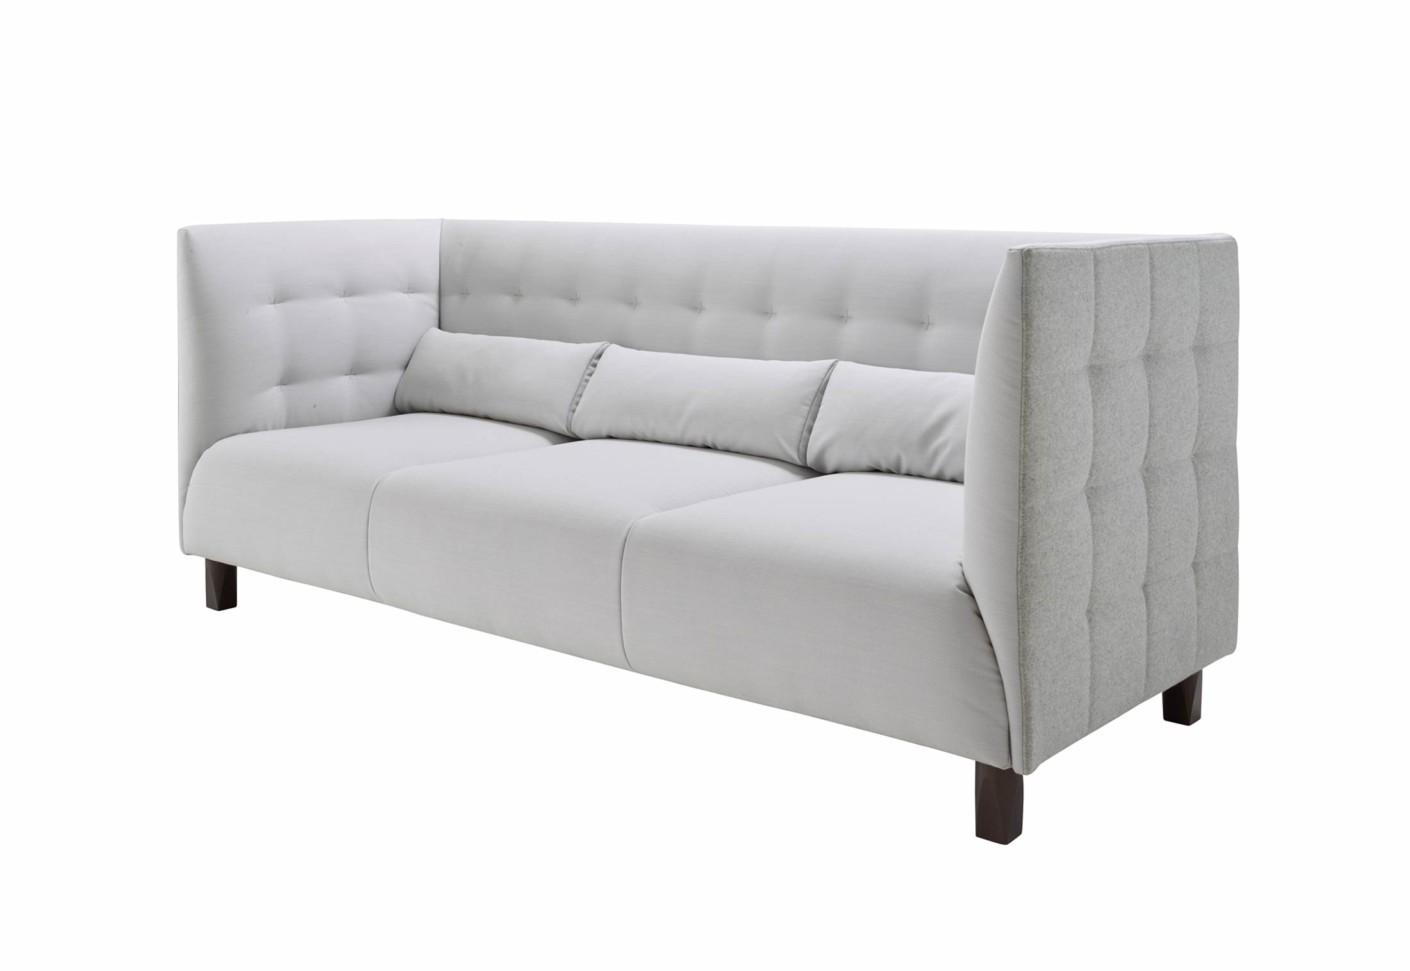 mcd 3 seater by ligne roset stylepark. Black Bedroom Furniture Sets. Home Design Ideas